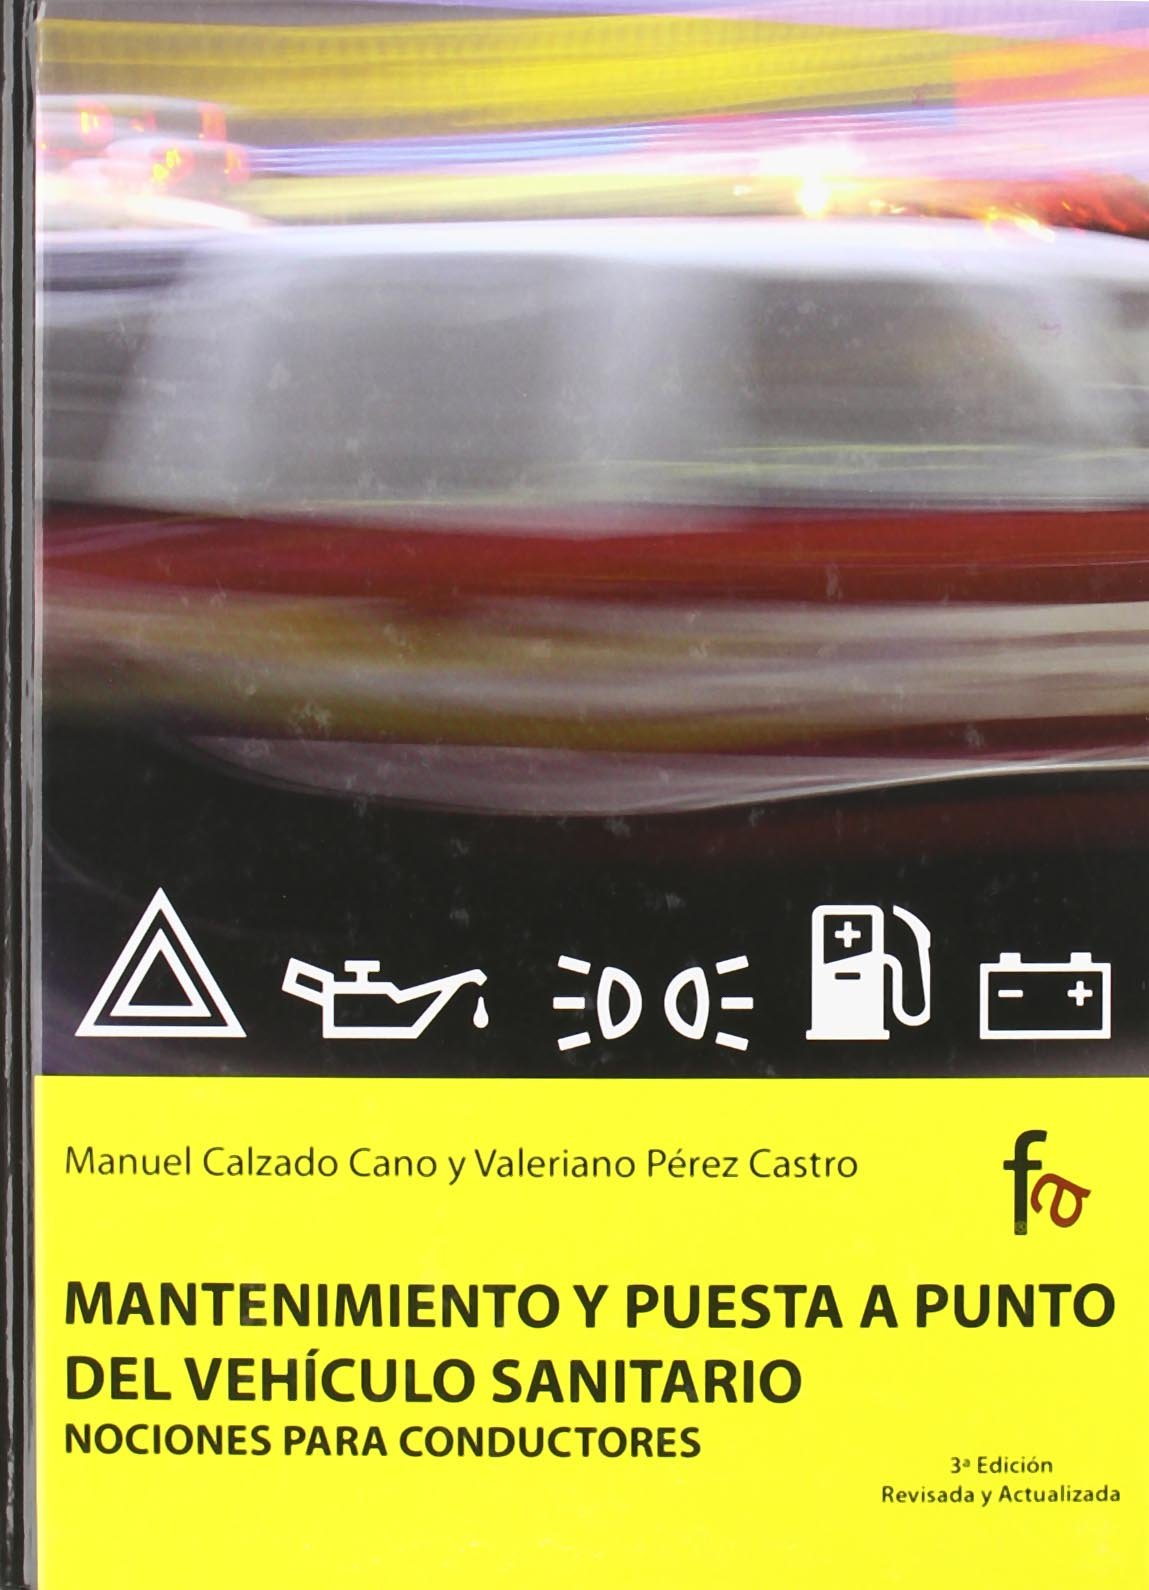 Mantenimiento y puesta a punto del vehiculo sanitario-3º edicion (Spanish Edition)